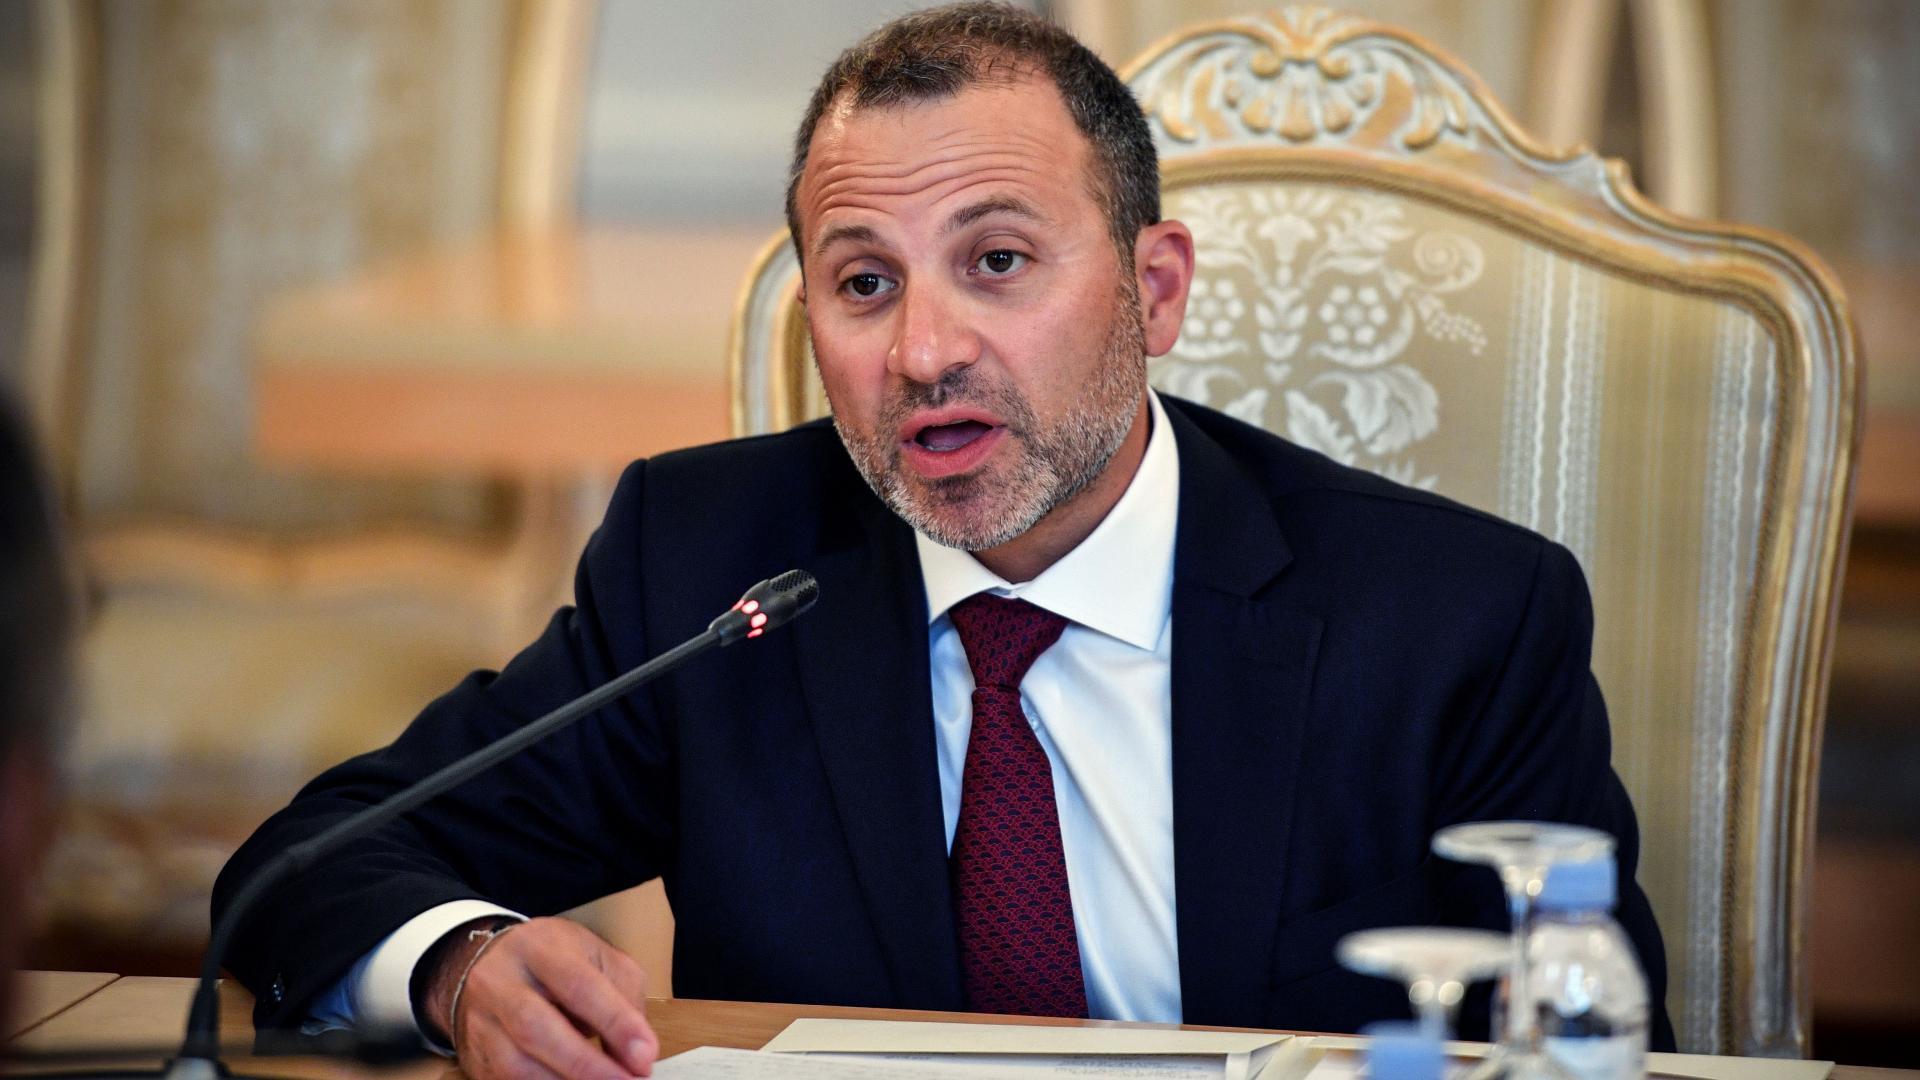 وزير خارجية لبنان: لا نشكك بوعود حسن نصرالله .. ولولا حزب الله لما كان عون رئيسا